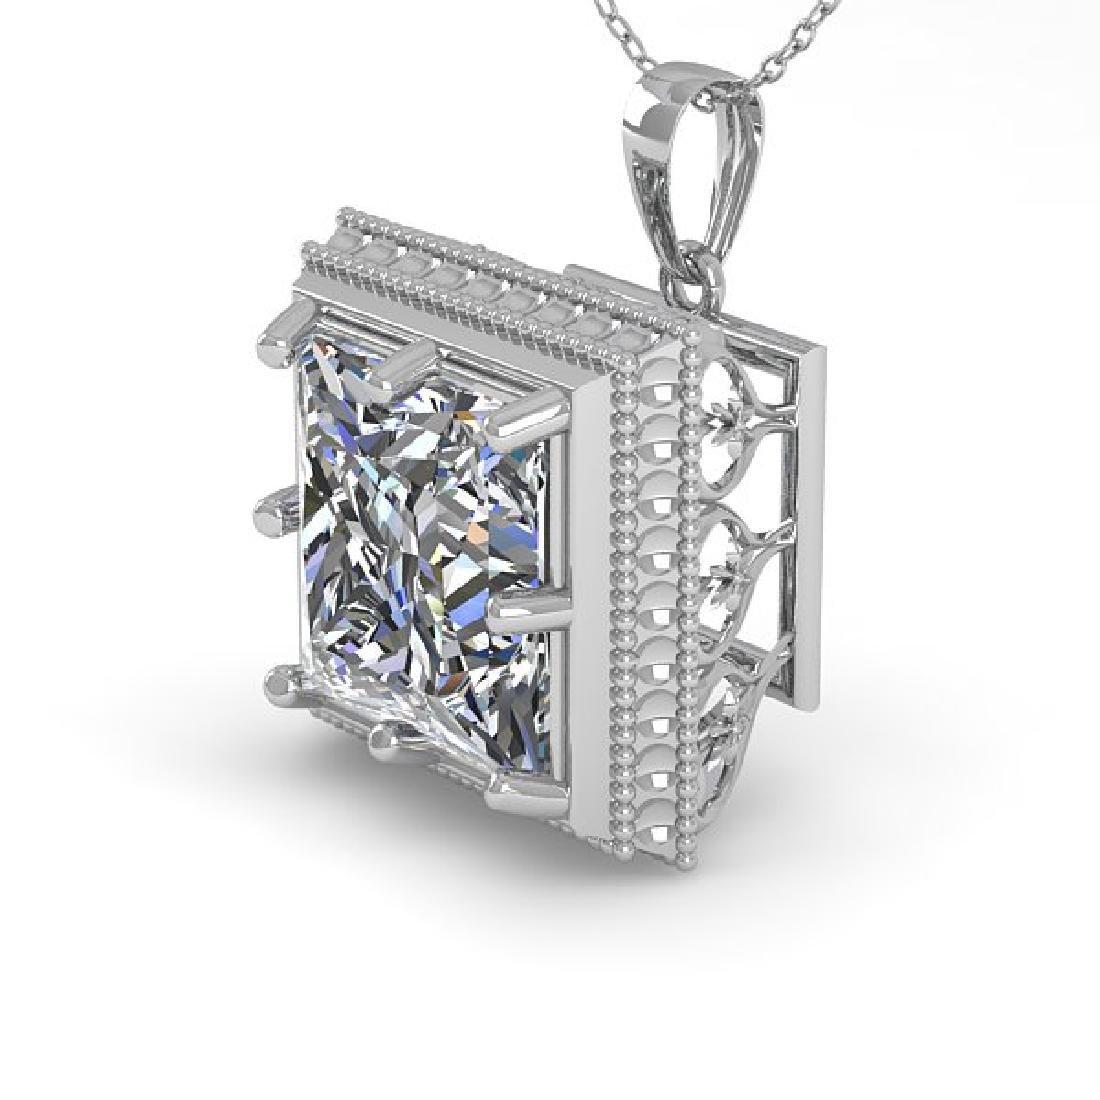 1 CTW VS/SI Princess Diamond Solitaire Necklace 14K